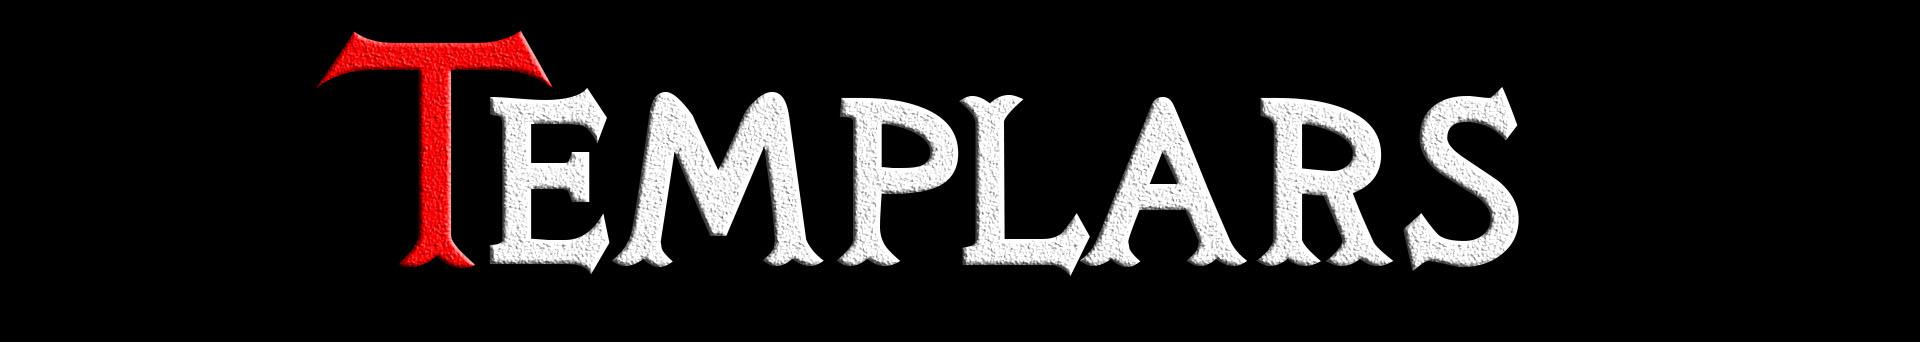 TemplarsBlack.jpg